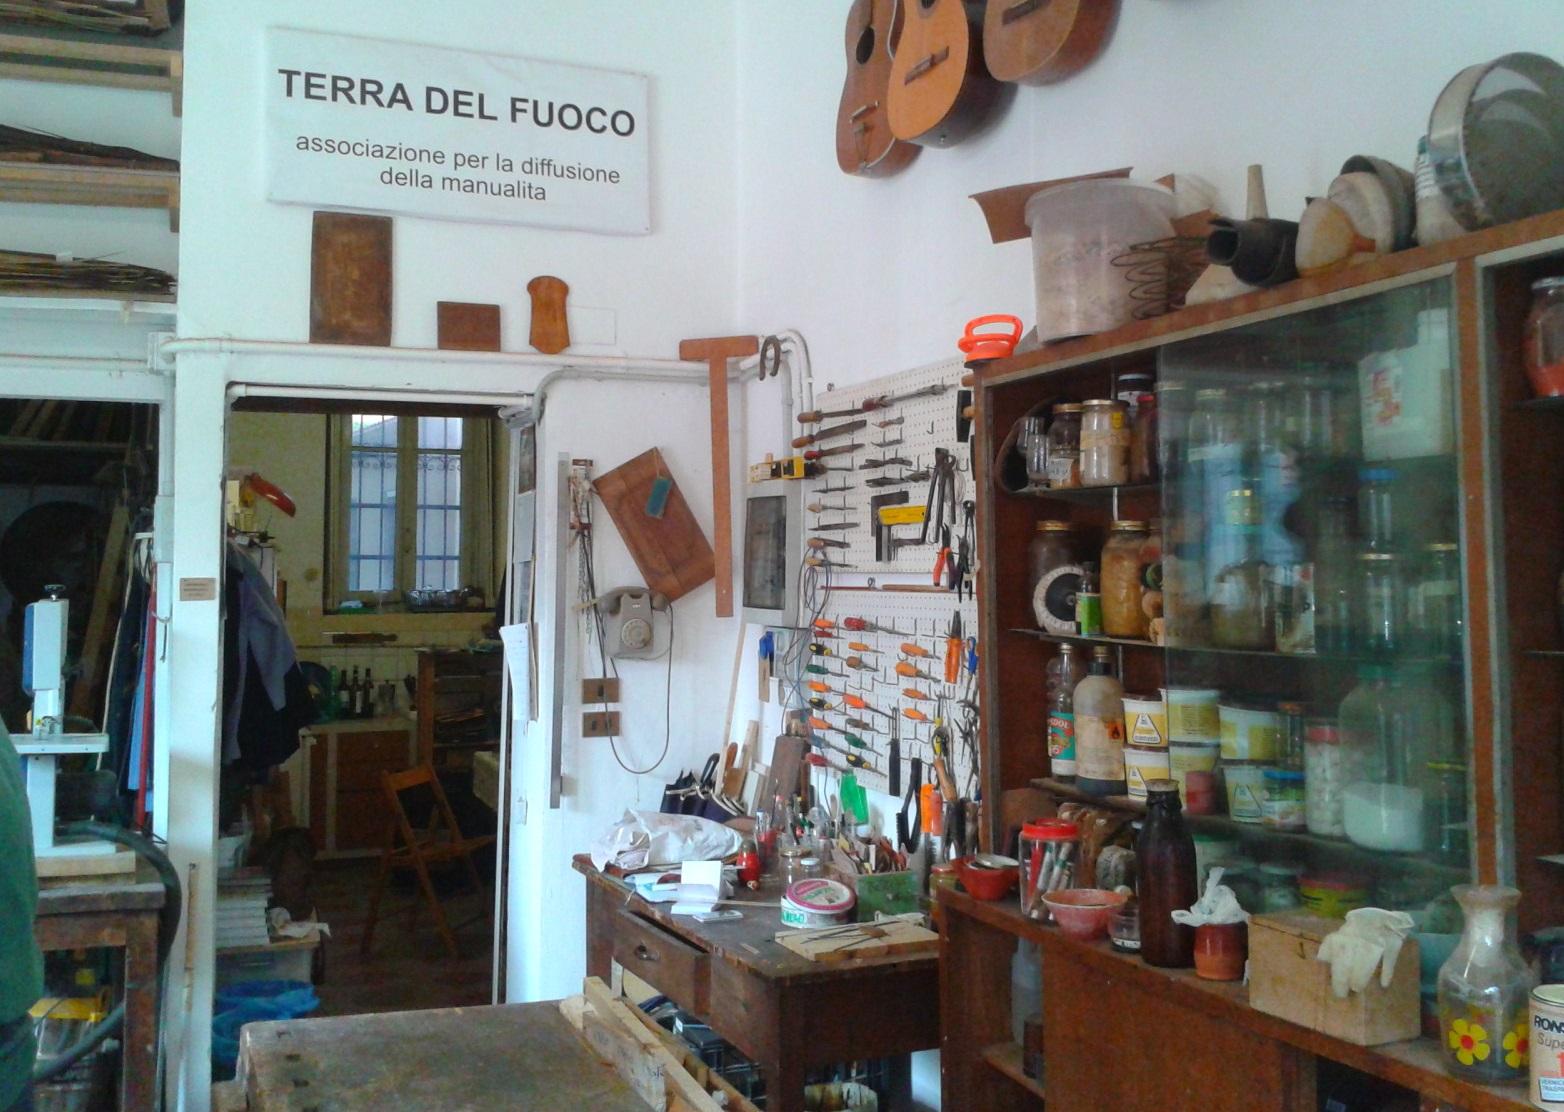 """Terra del Fuoco, """"Laboratorio pubblico di quartiere di Arti Manuali"""". Foto di Laura Pavesi"""